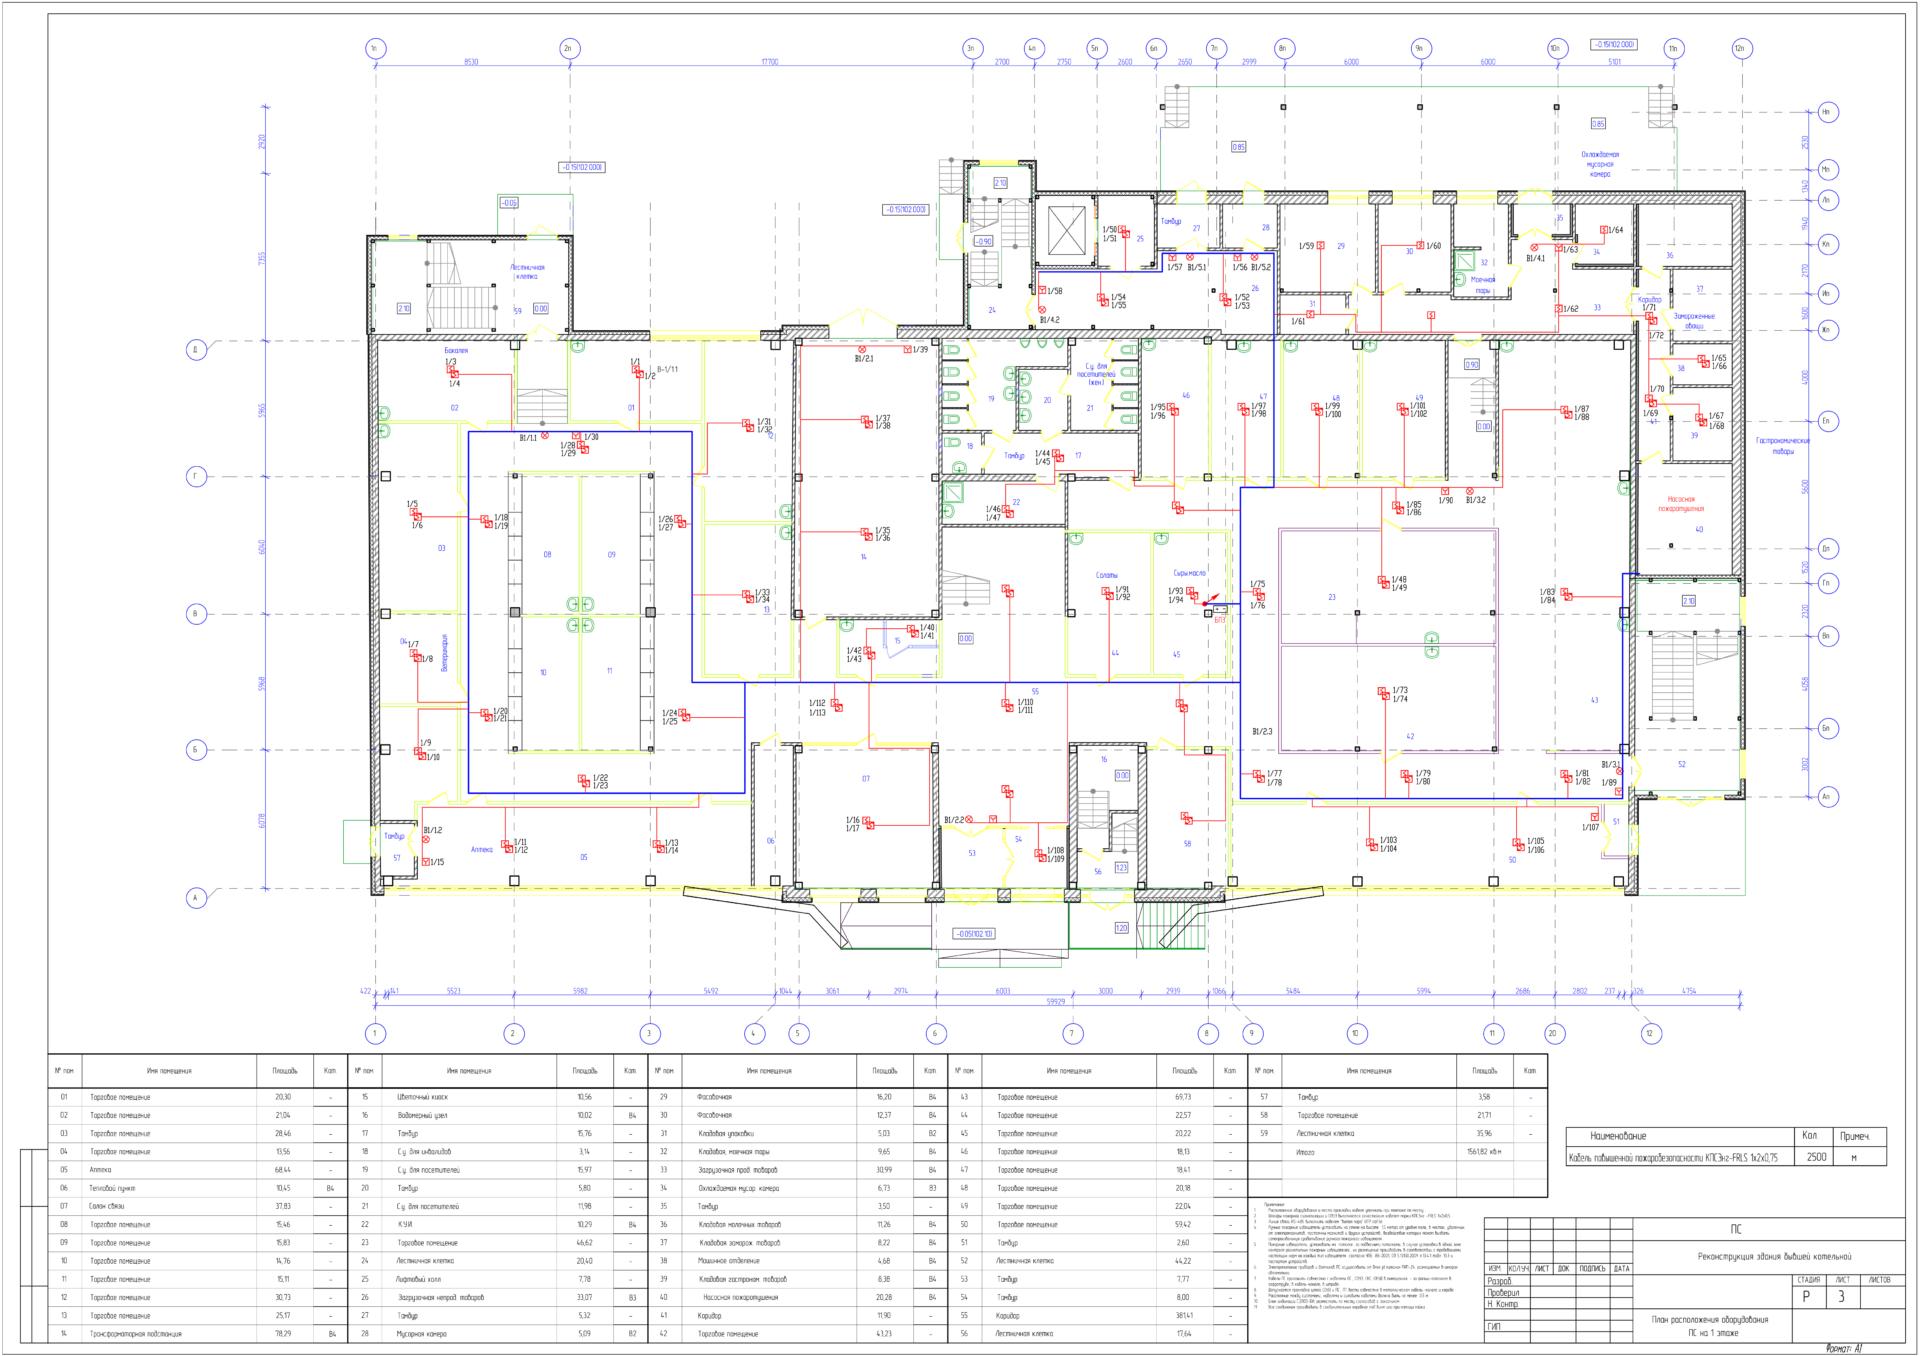 Проект системы пожарной сигнализации реконструкция здания бывшей котельной